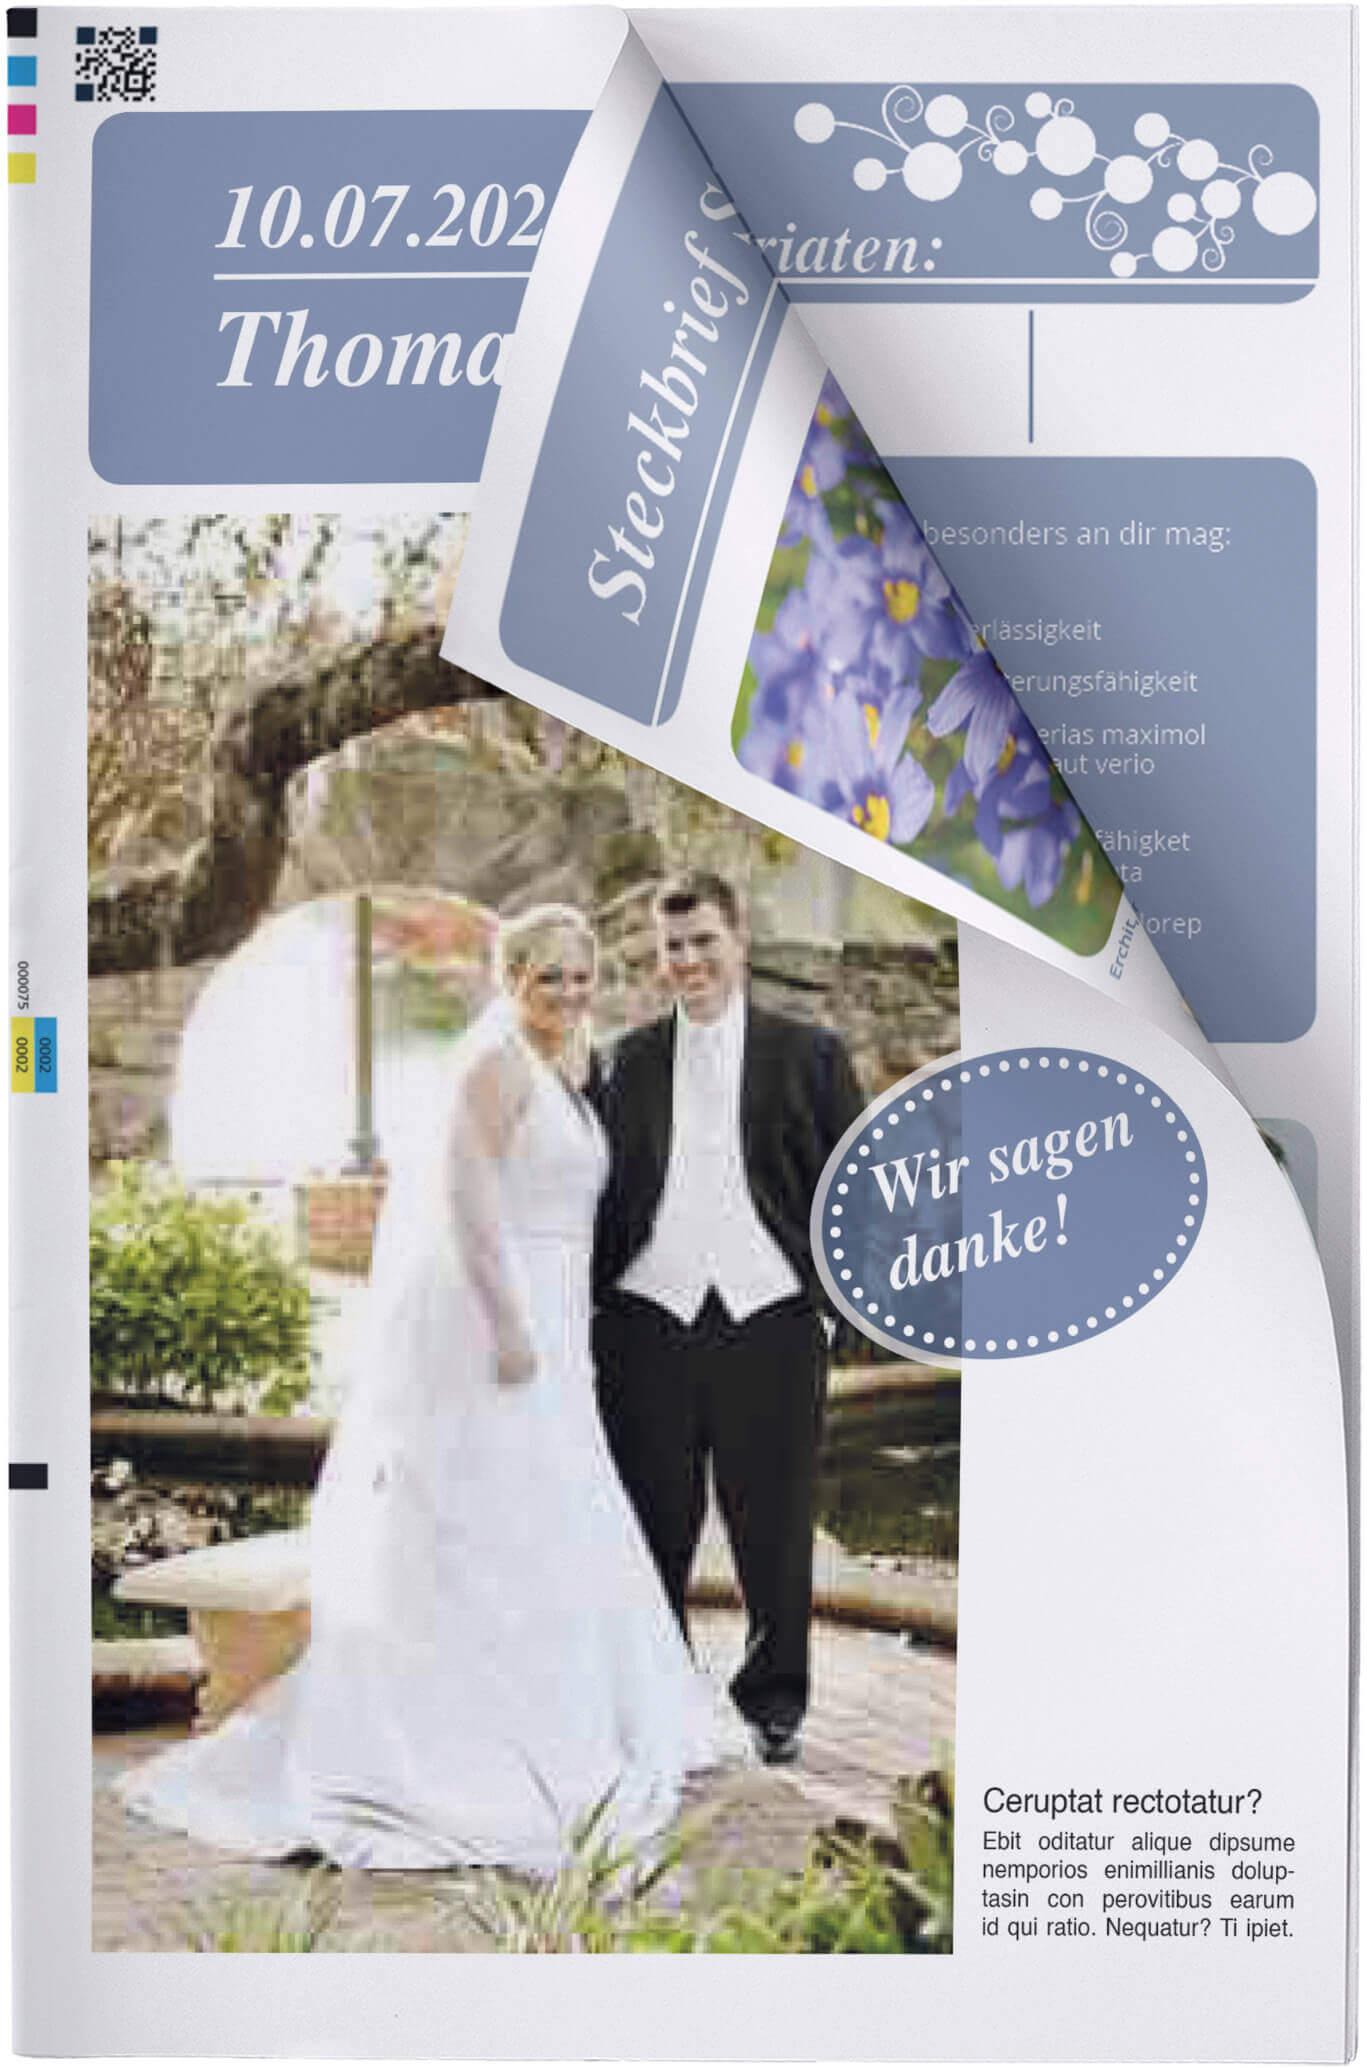 Titelblatt einer eigenen Hochzeitszeitung mit Seitenknick